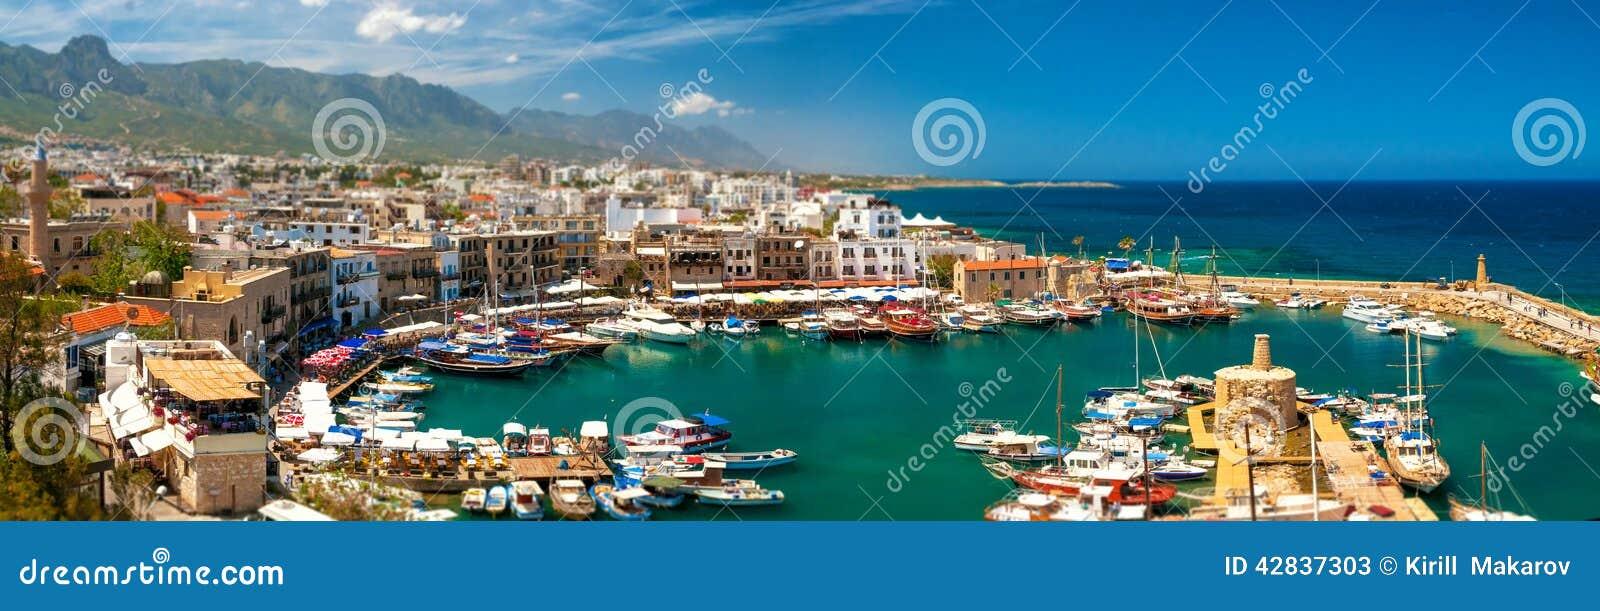 KYRENIA, КИПР - 26-ОЕ АПРЕЛЯ 2014: Гавань в Kyrenia